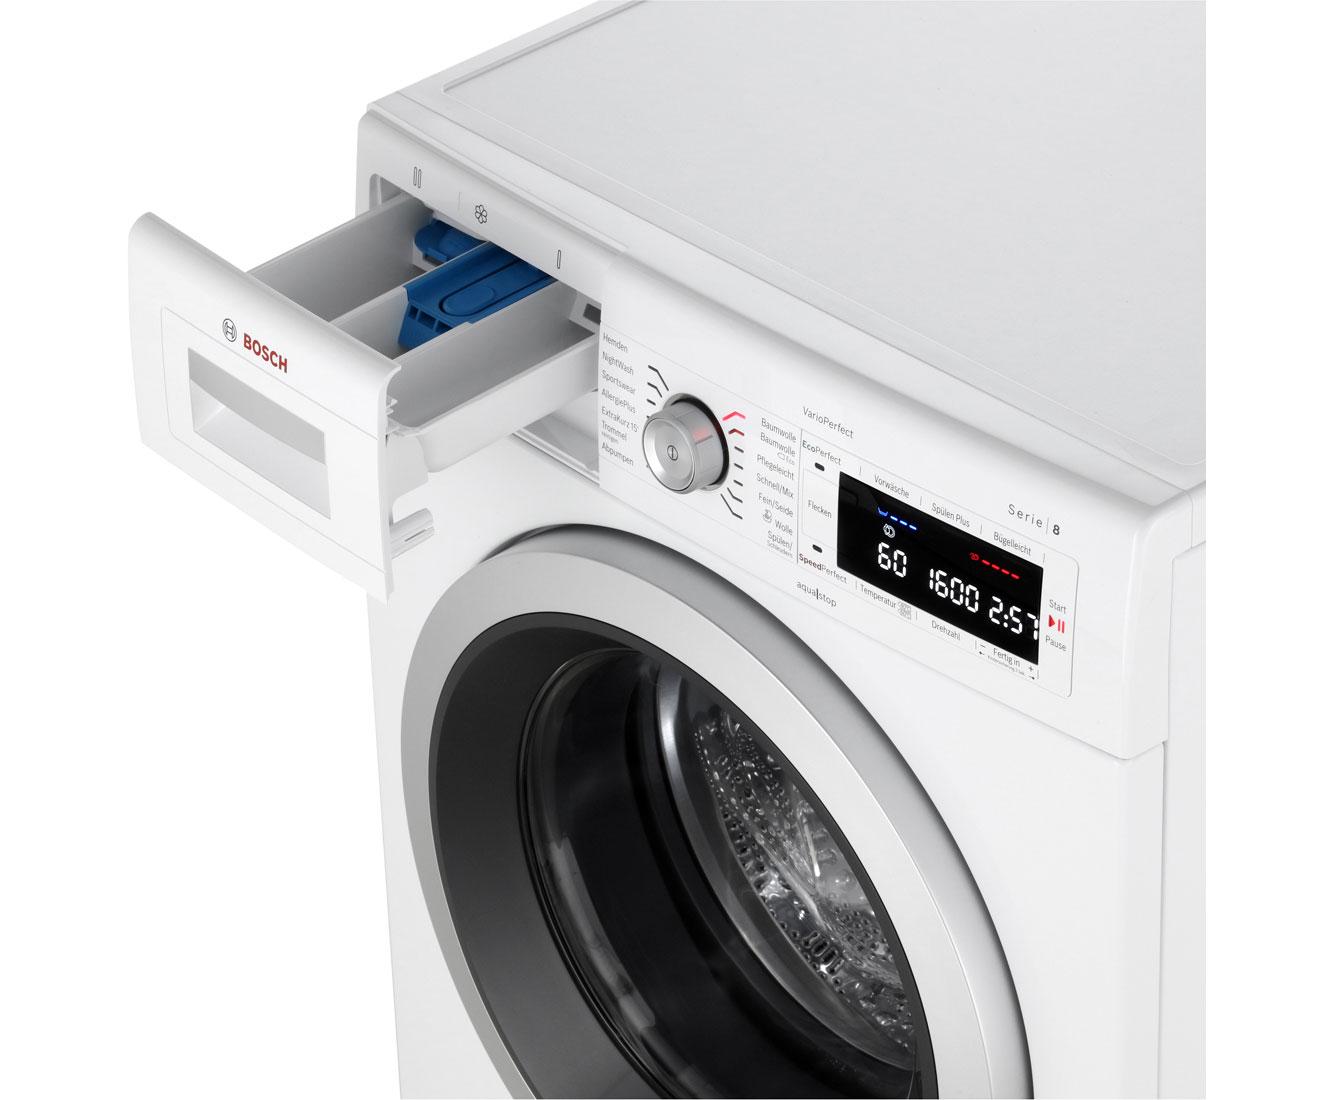 bosch waw32541 serie 8 waschmaschine freistehend wei neu ebay. Black Bedroom Furniture Sets. Home Design Ideas